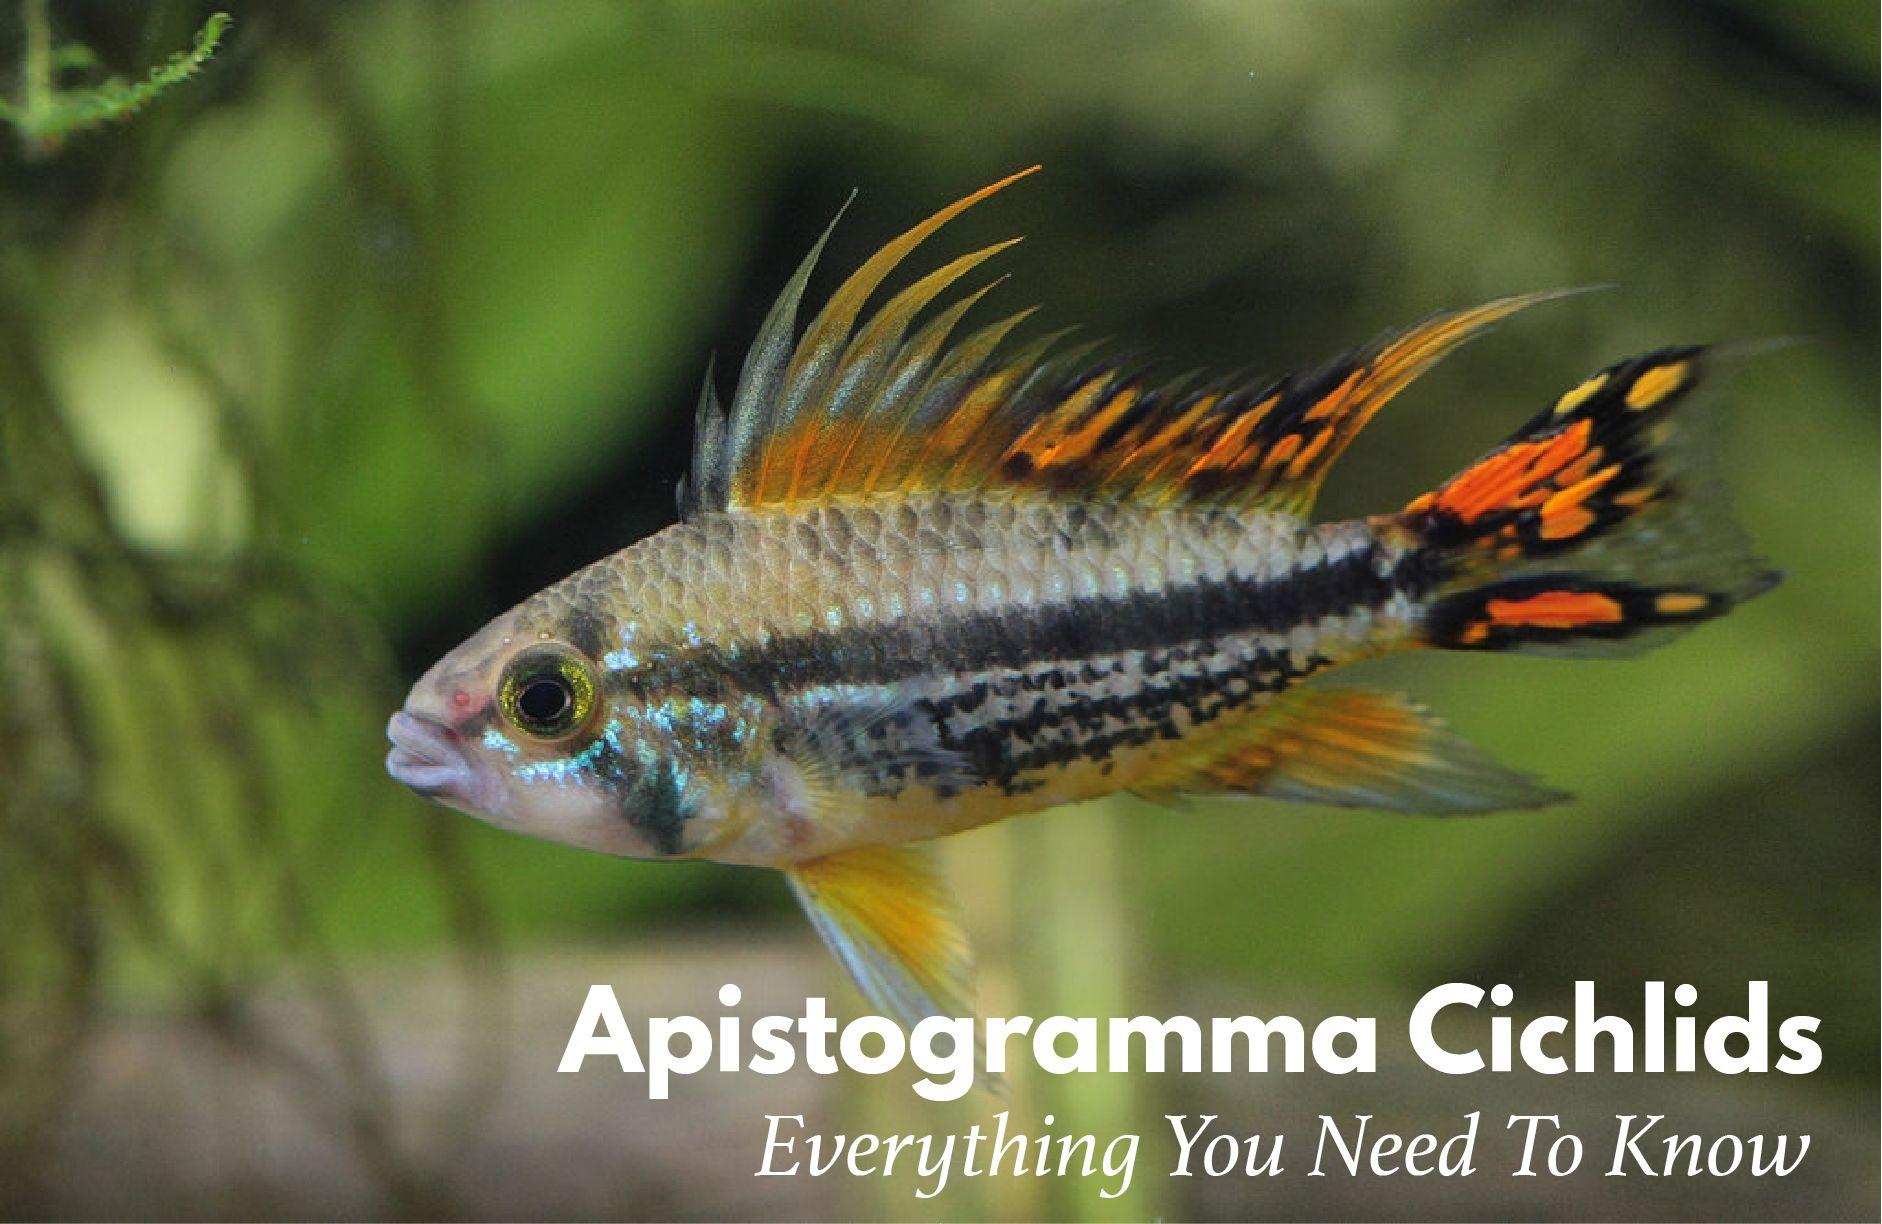 apistogramma